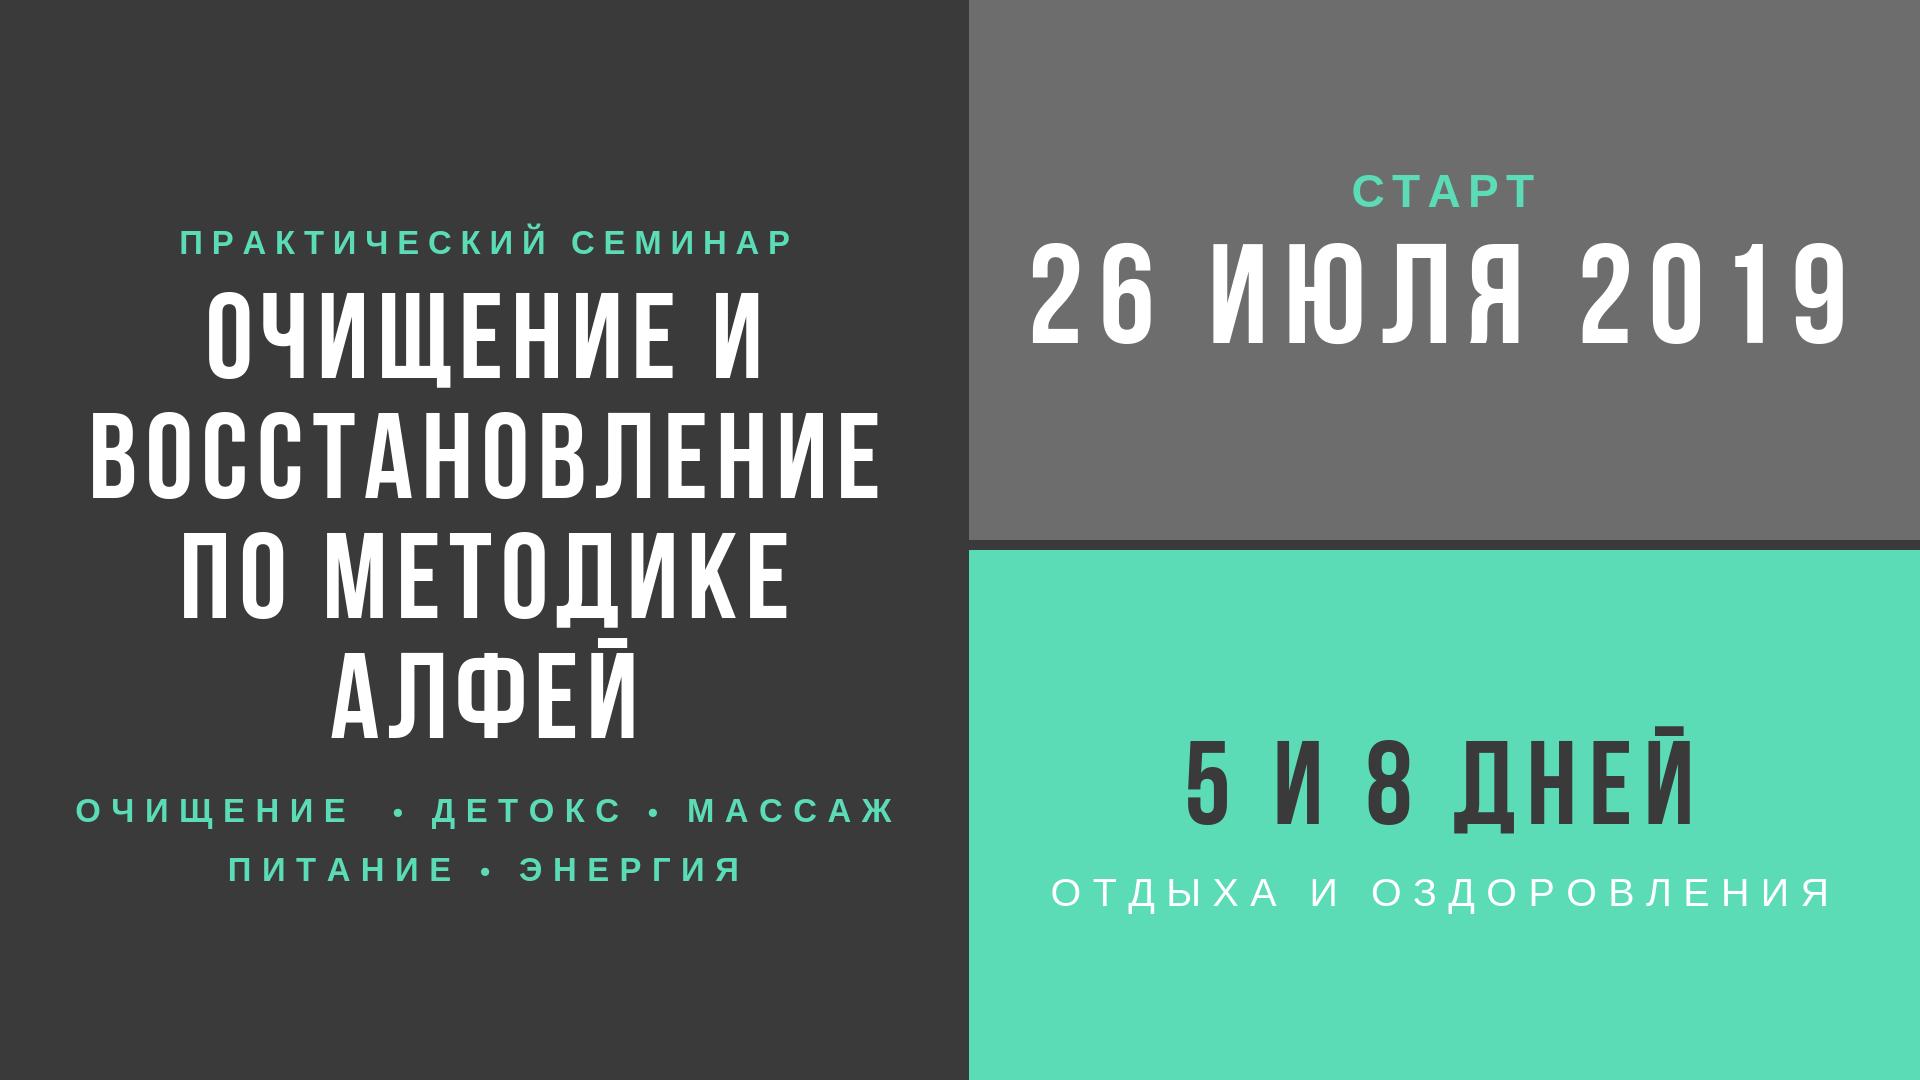 """Очищение и восстановление здоровья без лекарств по Методике """"Алфей"""""""